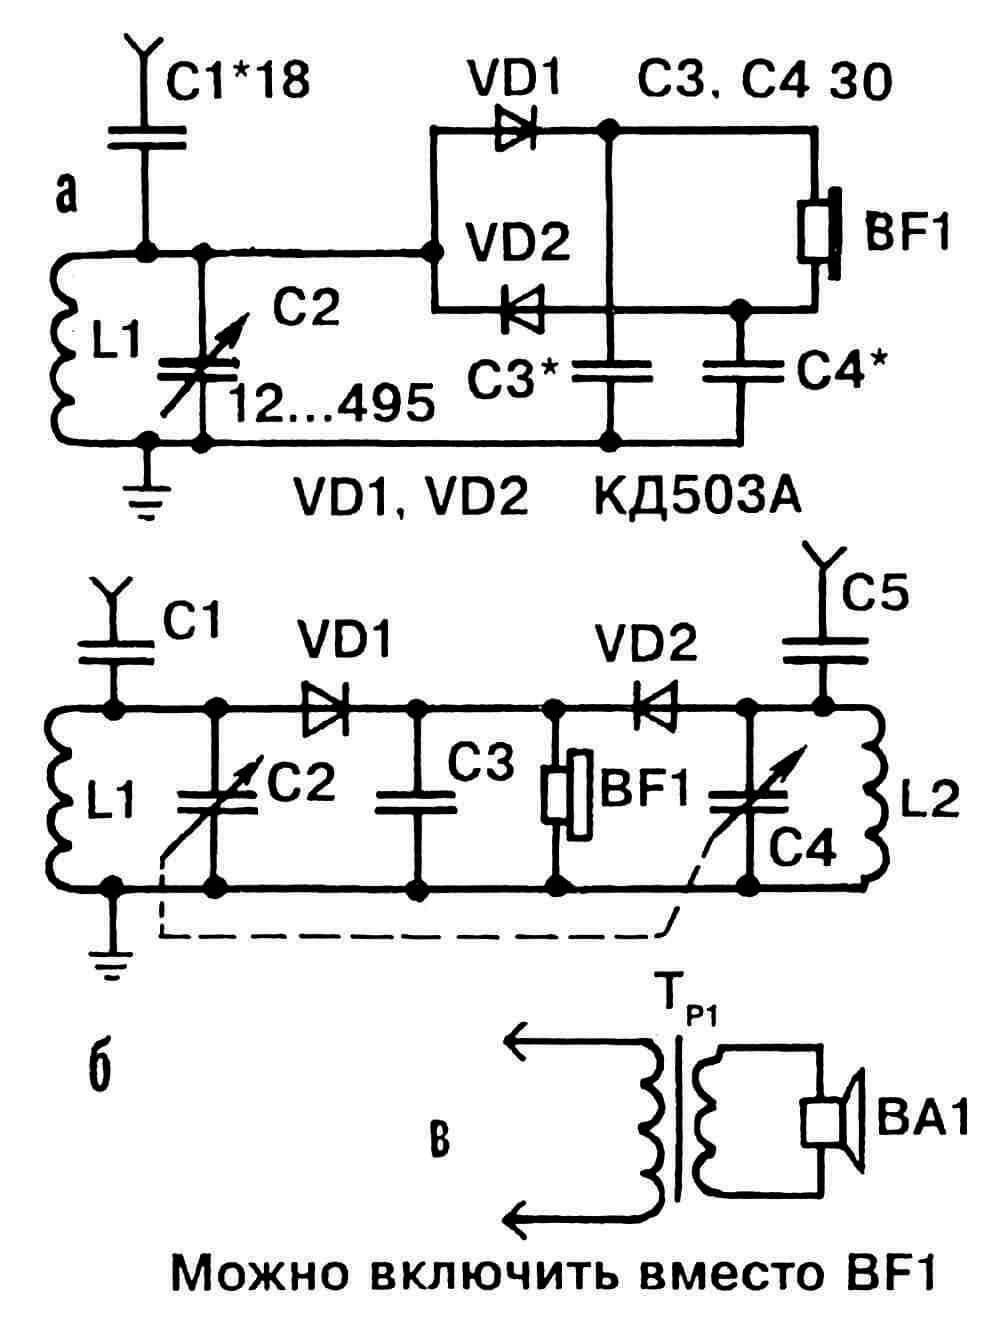 Рис.4. Детекторный для туристских групп: а — с одной антенной, б — с двумя и более антеннами, в — с динамиком вместо головного телефона.